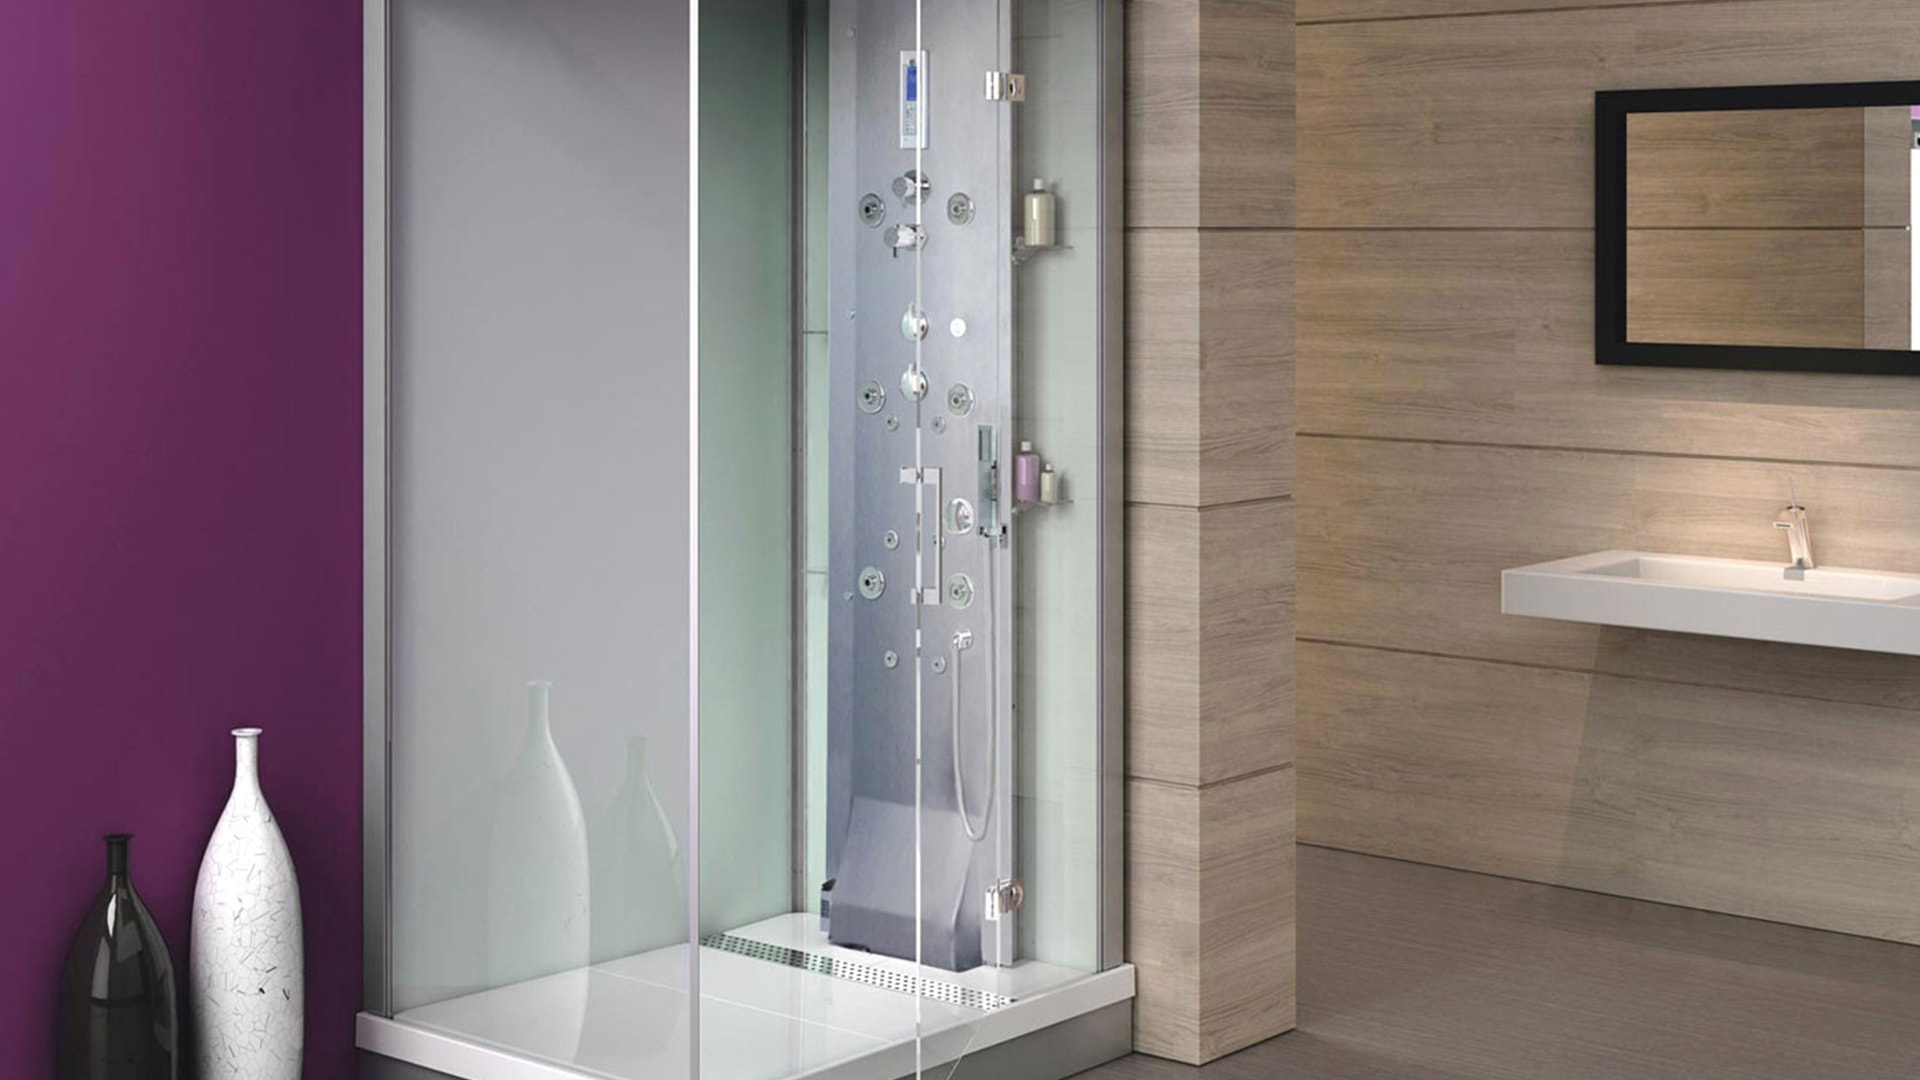 pose d 39 une cabine de douche devis et prix propos s par. Black Bedroom Furniture Sets. Home Design Ideas